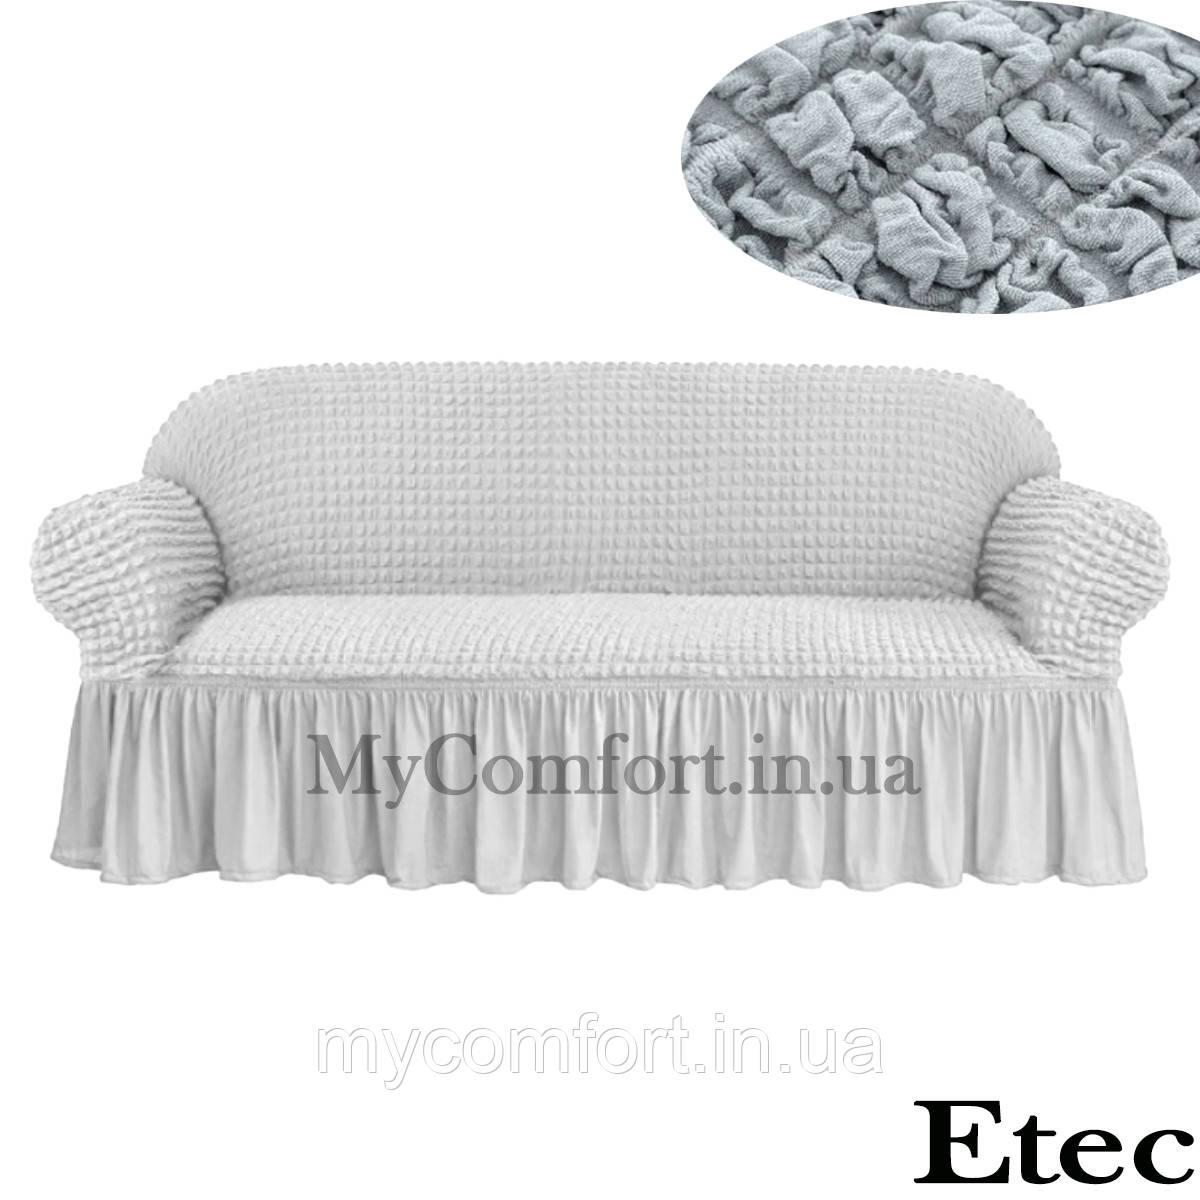 Чехол на диван Etec (универсальный). Молочный